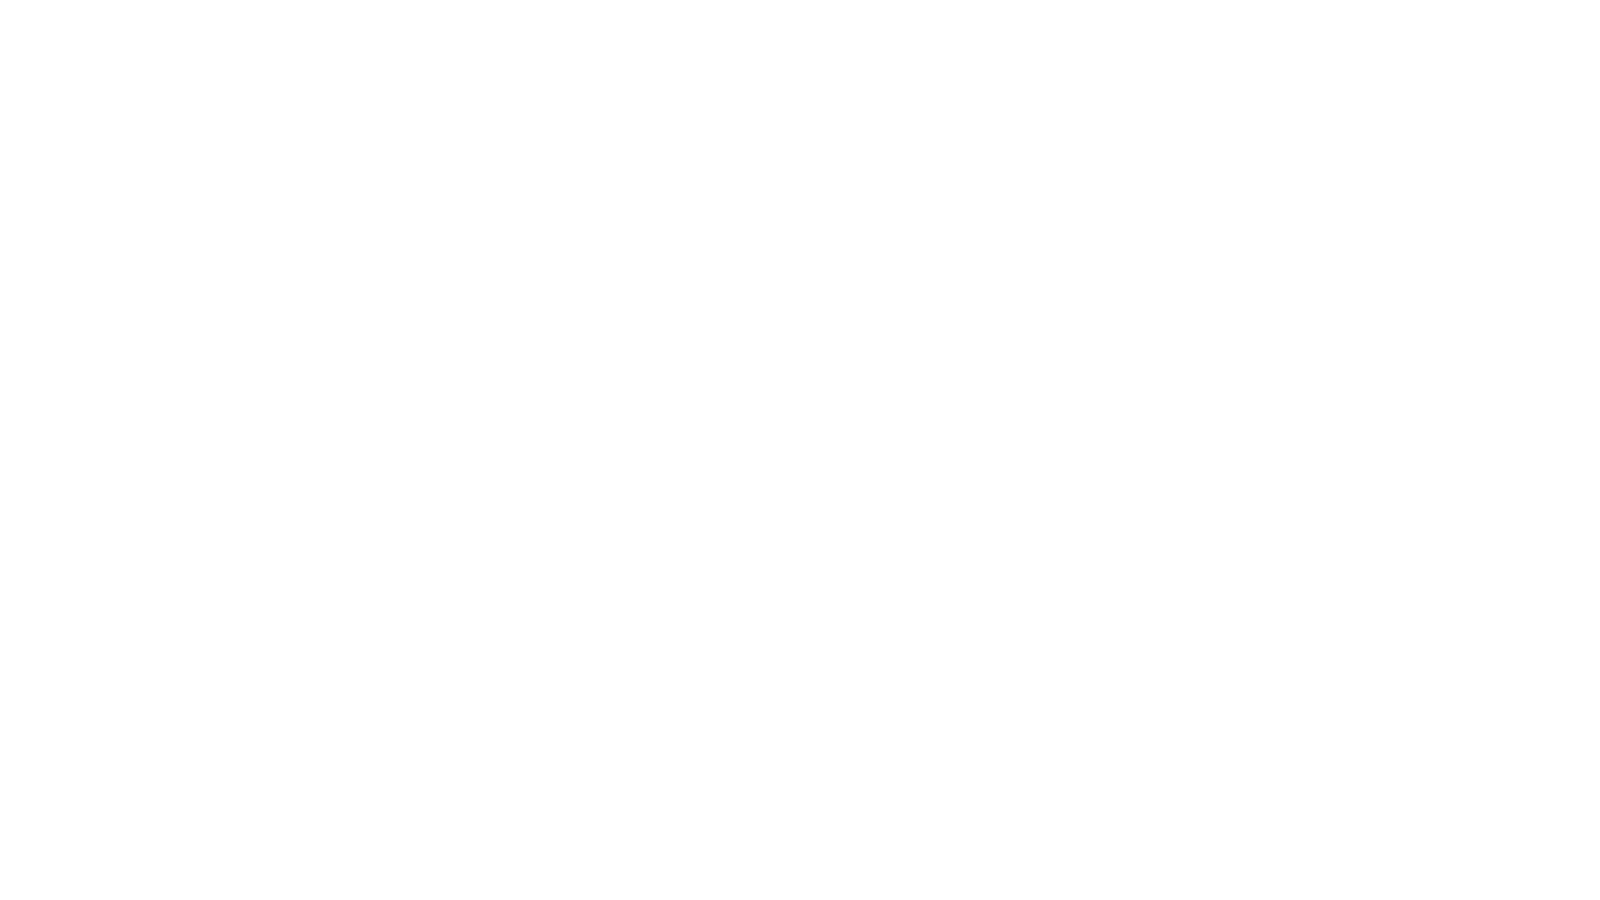 #bocajuniors #riverplate #futbolargentino #clasico RESUMEN DE LA FECHA 5 DEL FUTBOL ARGENTINO 2021 BOCA VS RIVER LIGA PROFESIONAL DE FUTBOL Tu #suscripcion nos ayuda a crecer [ SUBSCRIBE ] no seas careta.#patadaindienews #minutoindie #patadaindie www.patadaindie.com Instagram & Facebook @patadaindienews #soccer #goles #futbol #soccernews #noticiasdefutbol